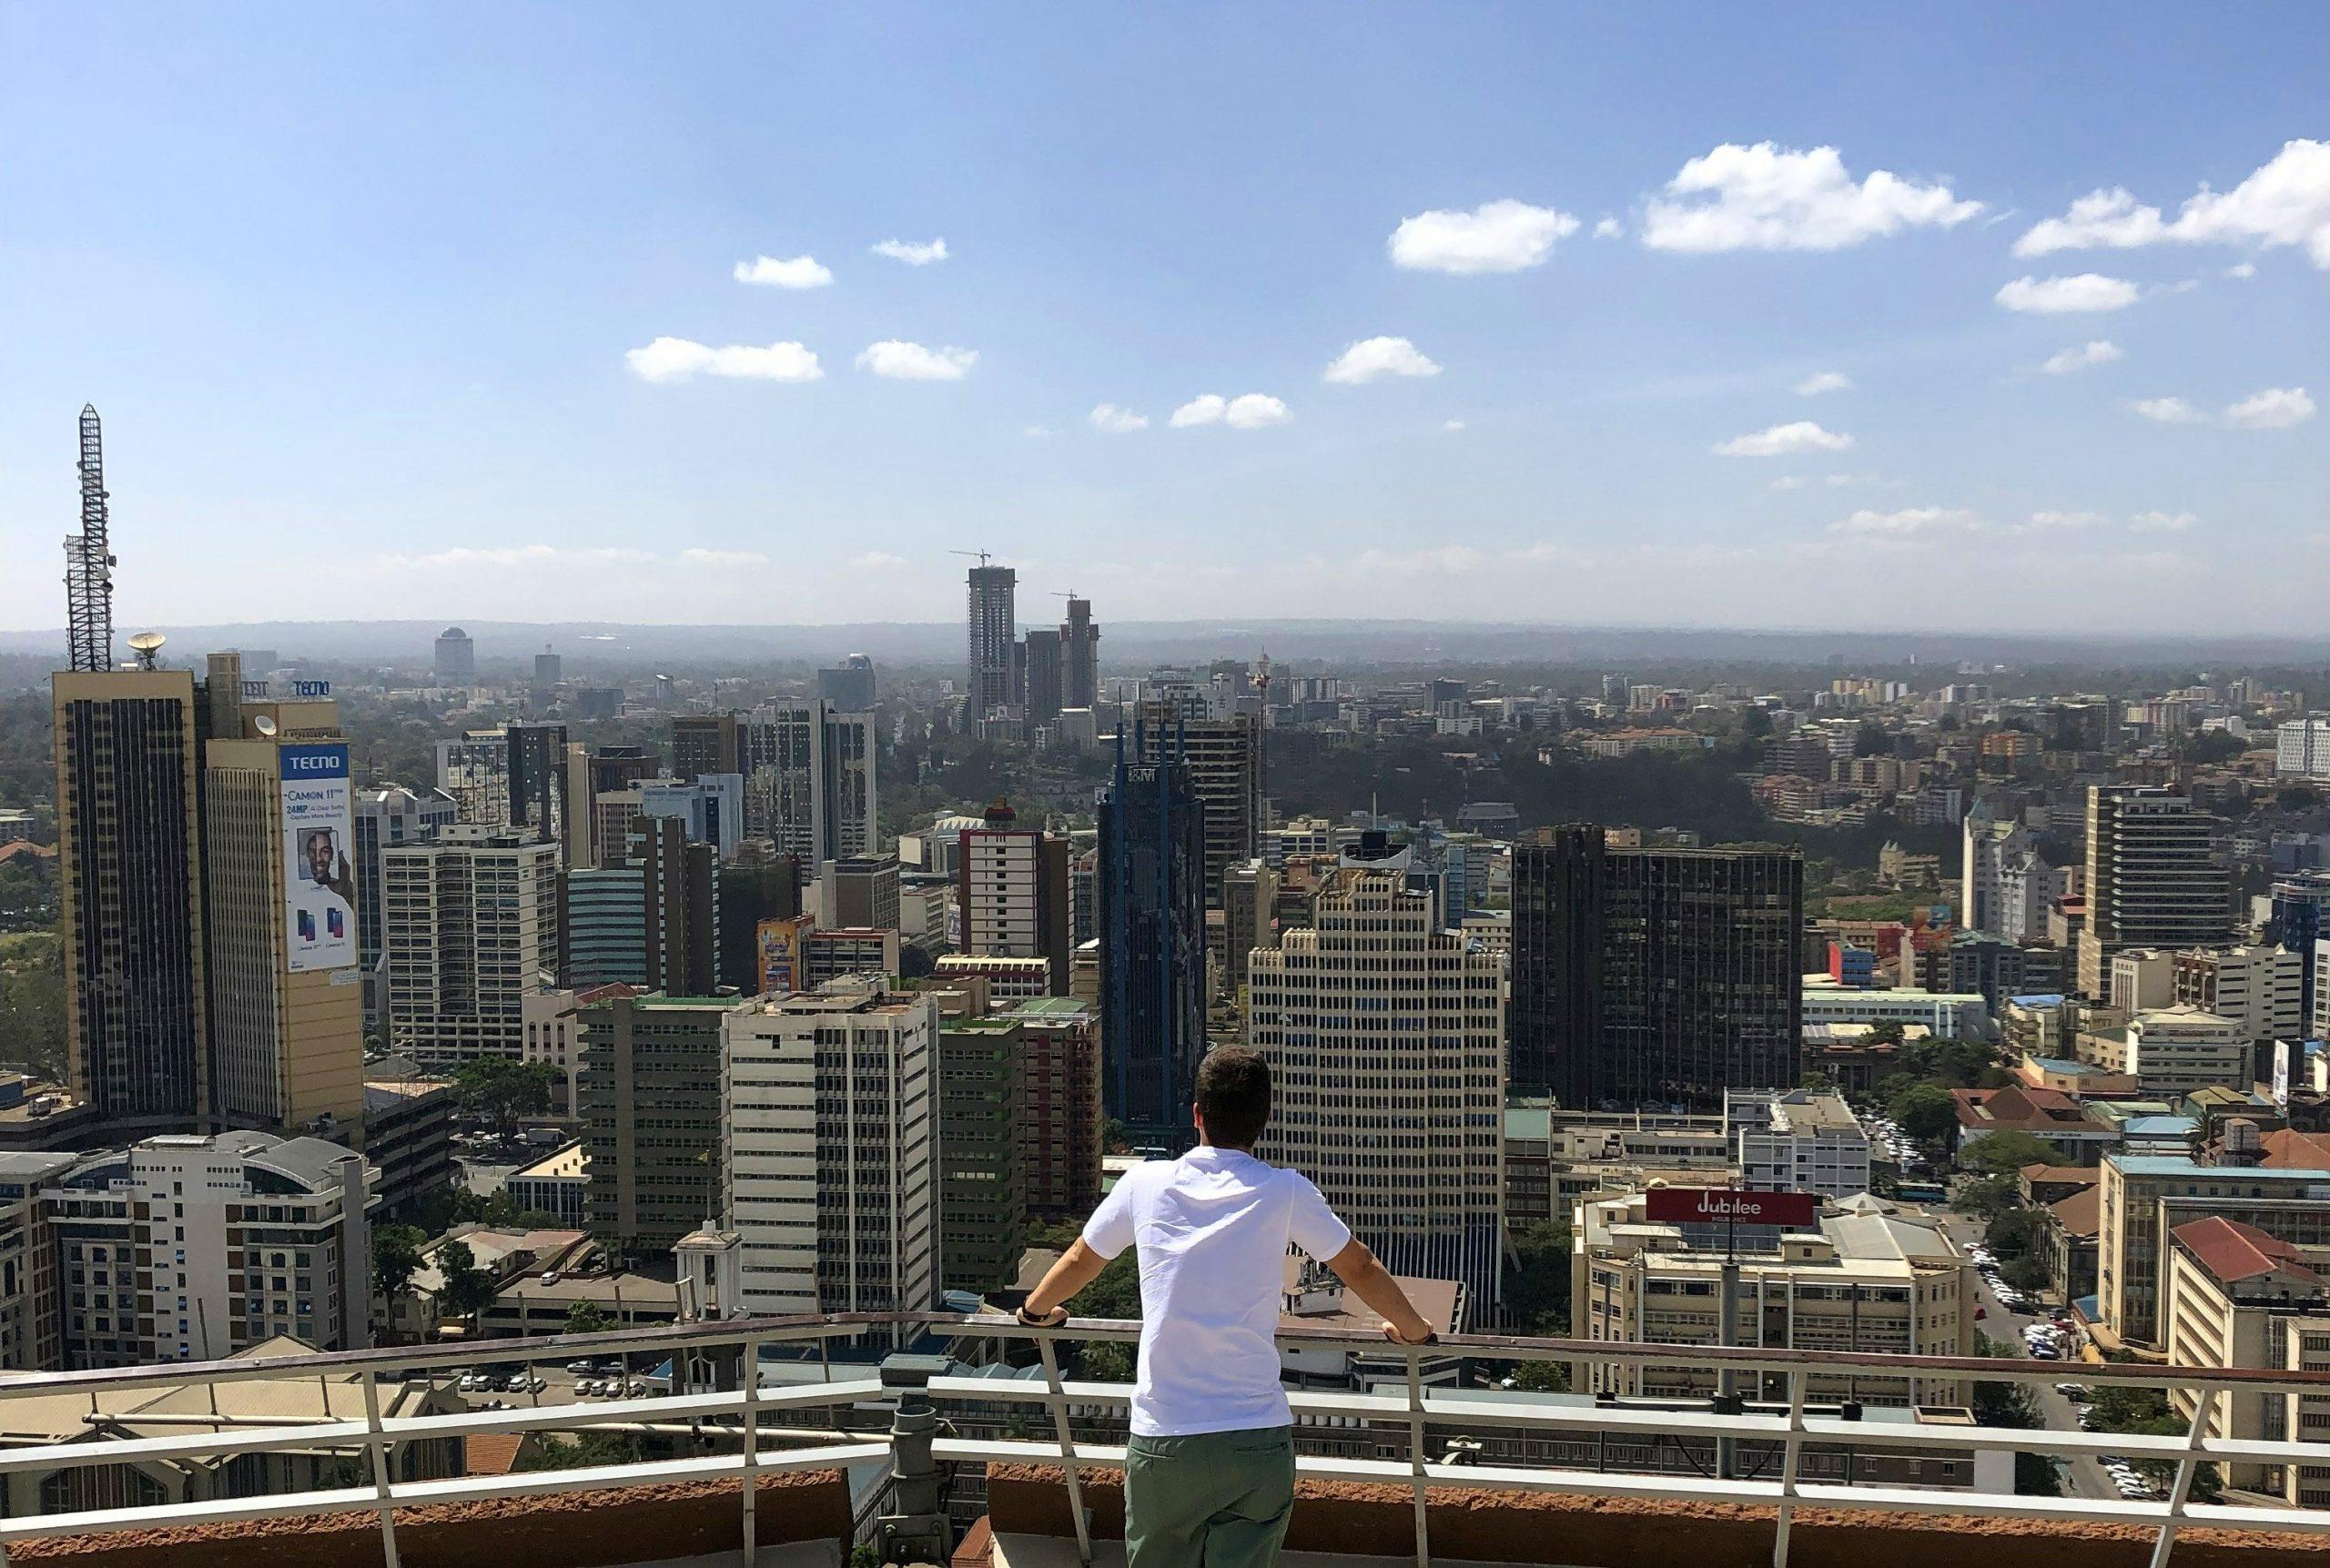 Kenya, a different entrepreneurial mindset